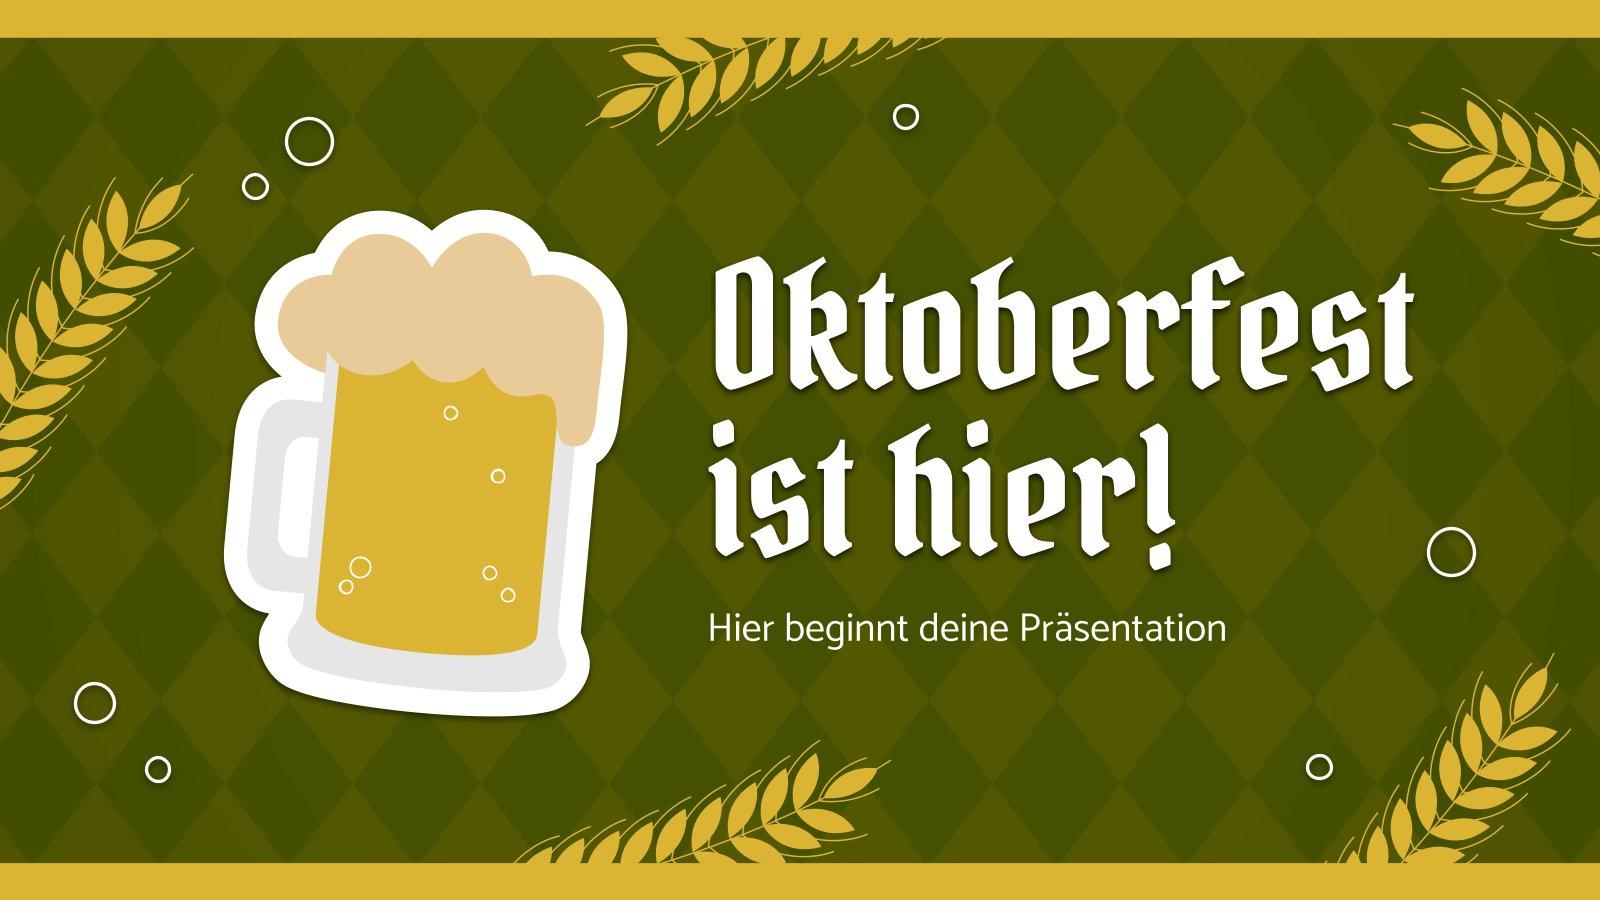 Modelo de apresentação Oktoberfest ist hier!